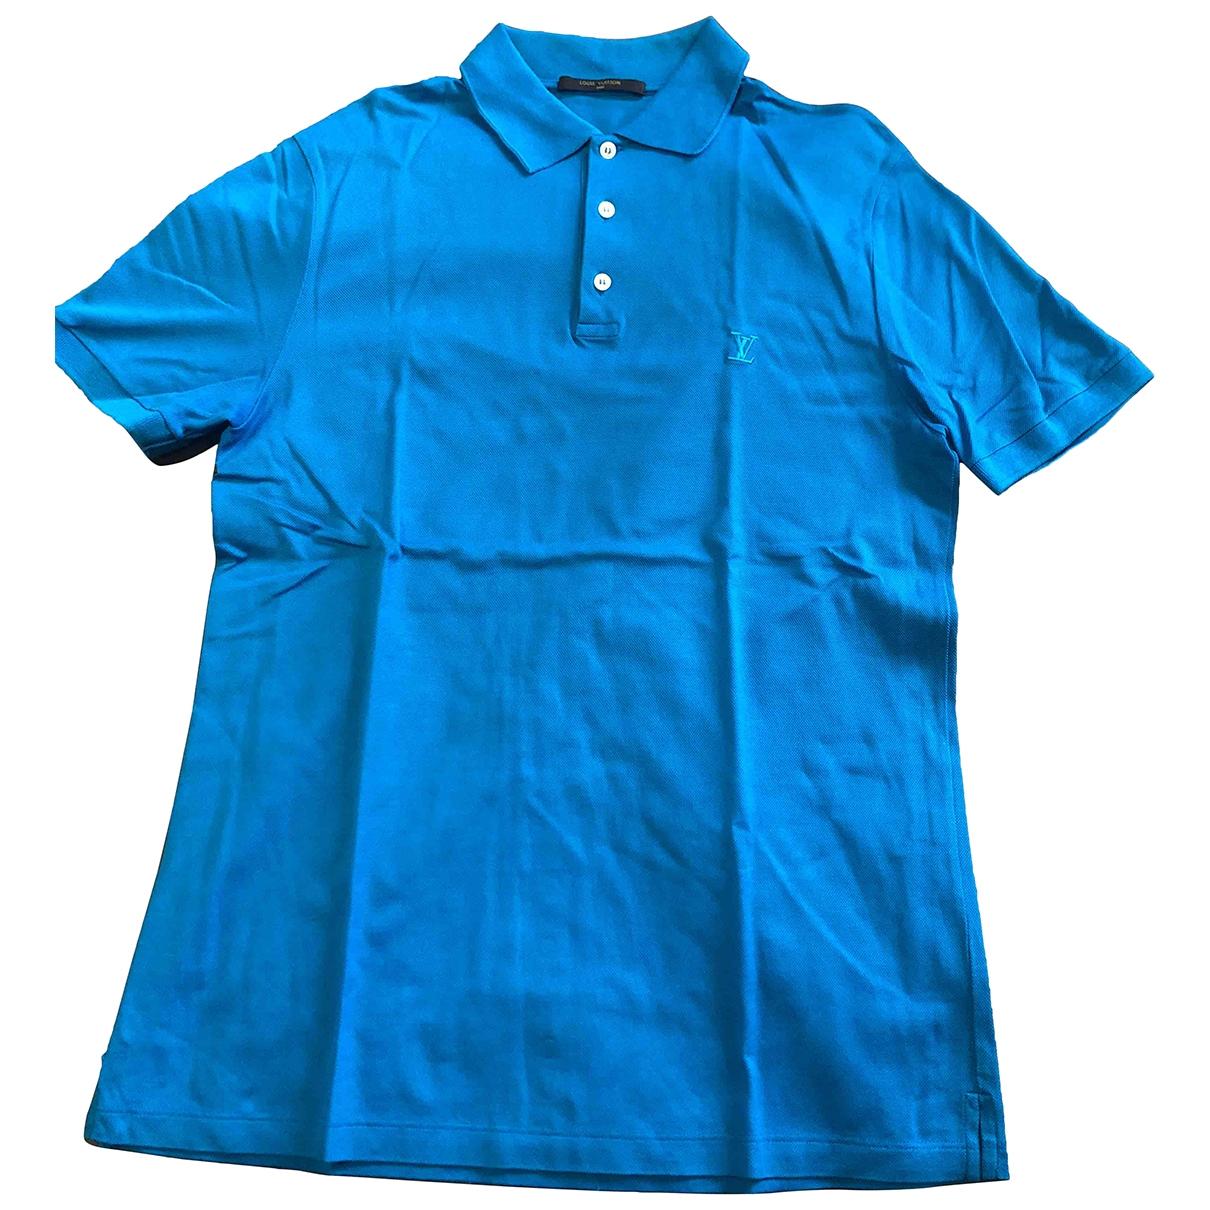 Louis Vuitton \N Poloshirts in  Blau Baumwolle